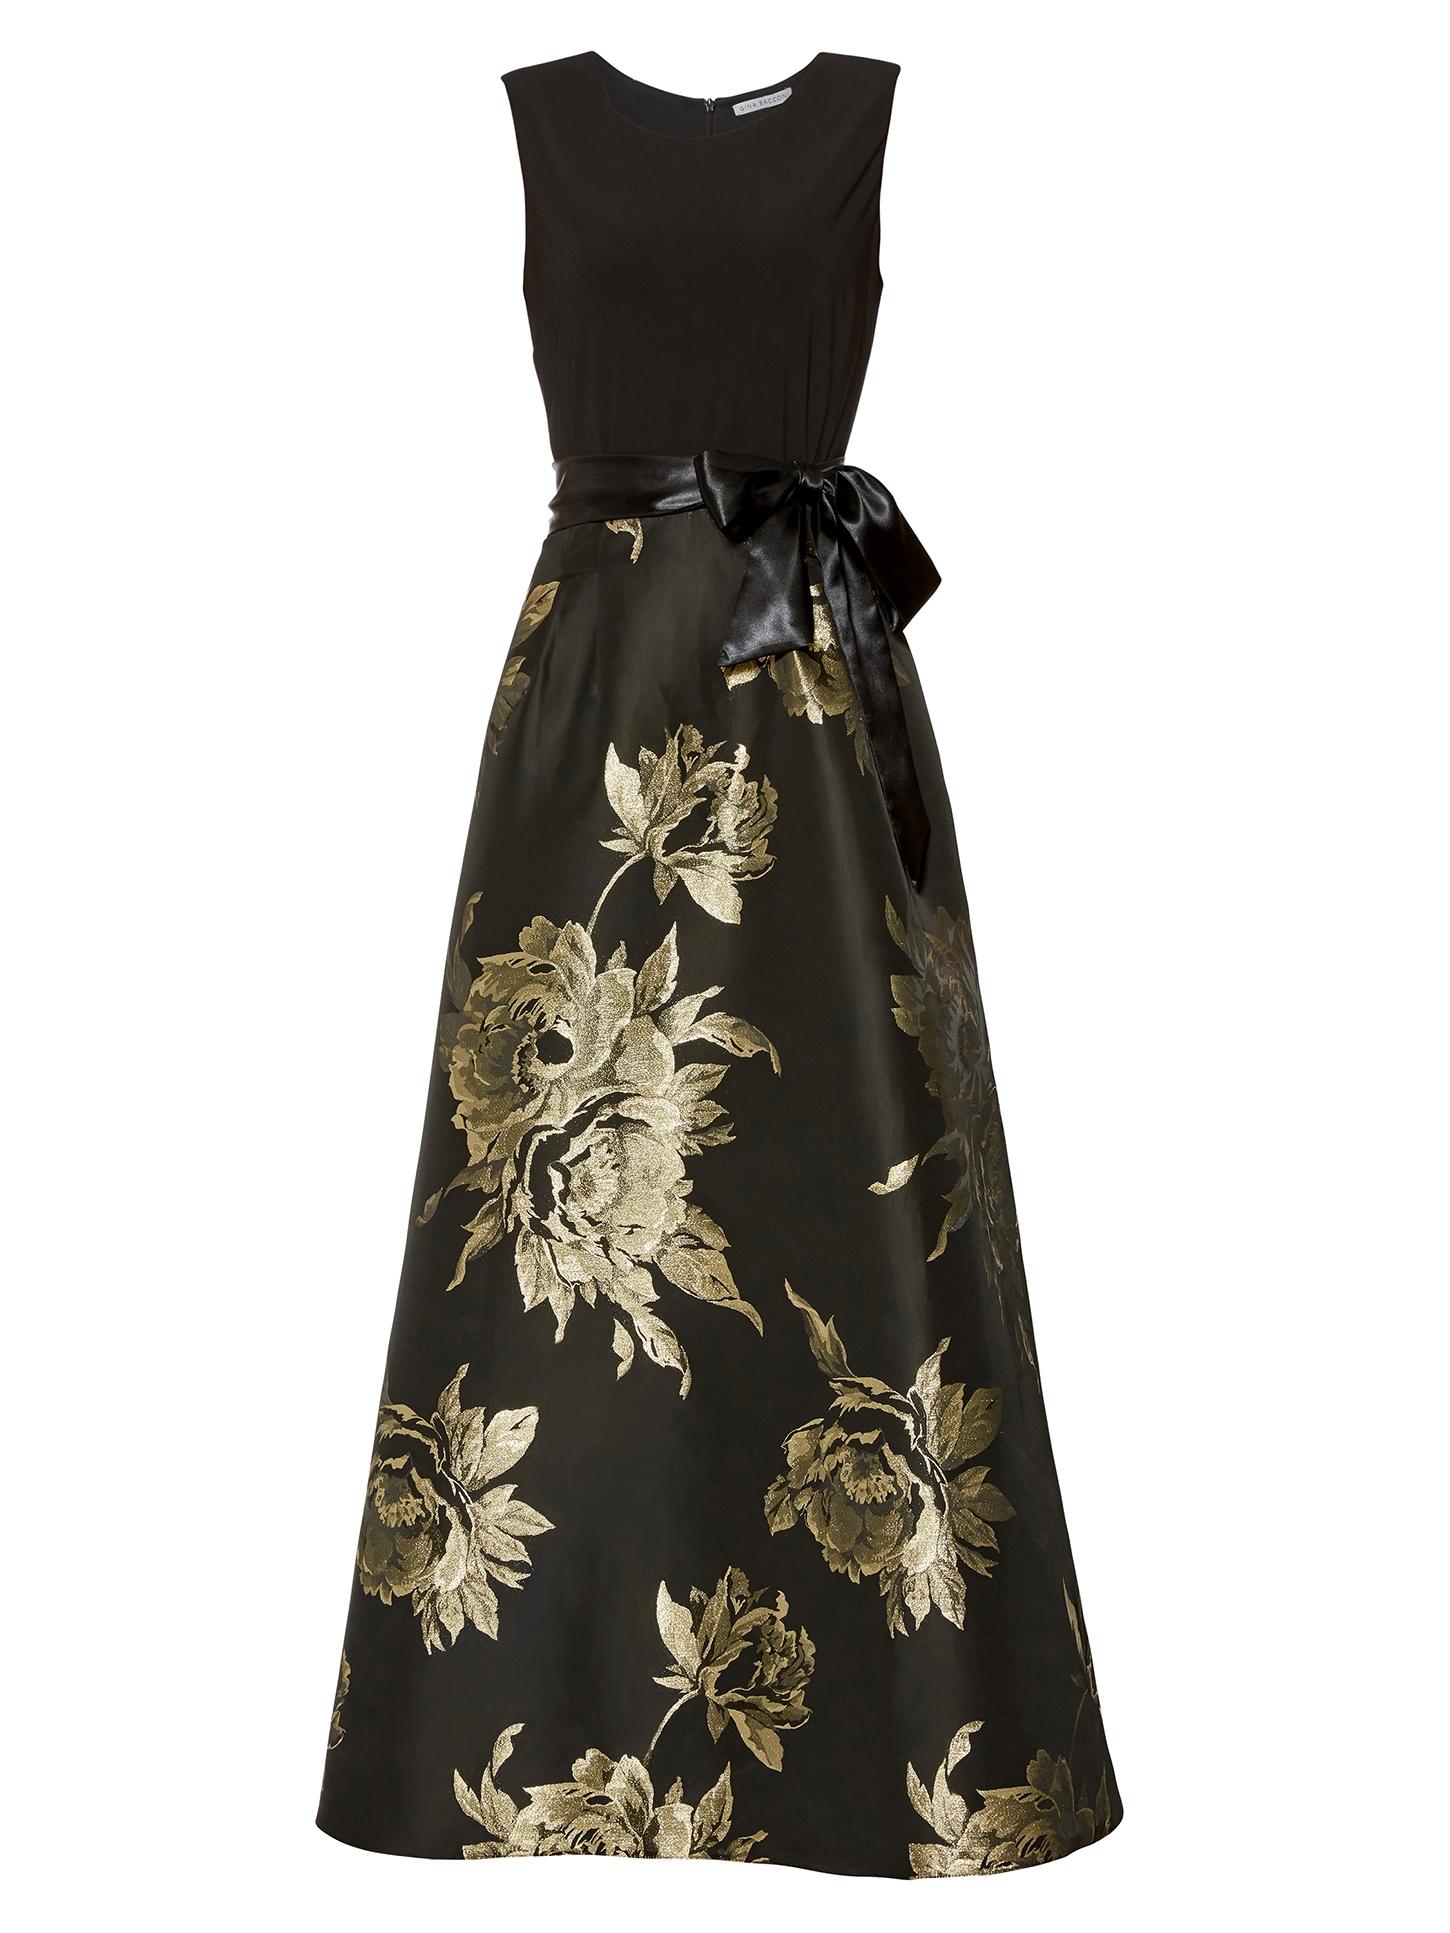 Mili Jersey And Jacquard Dress